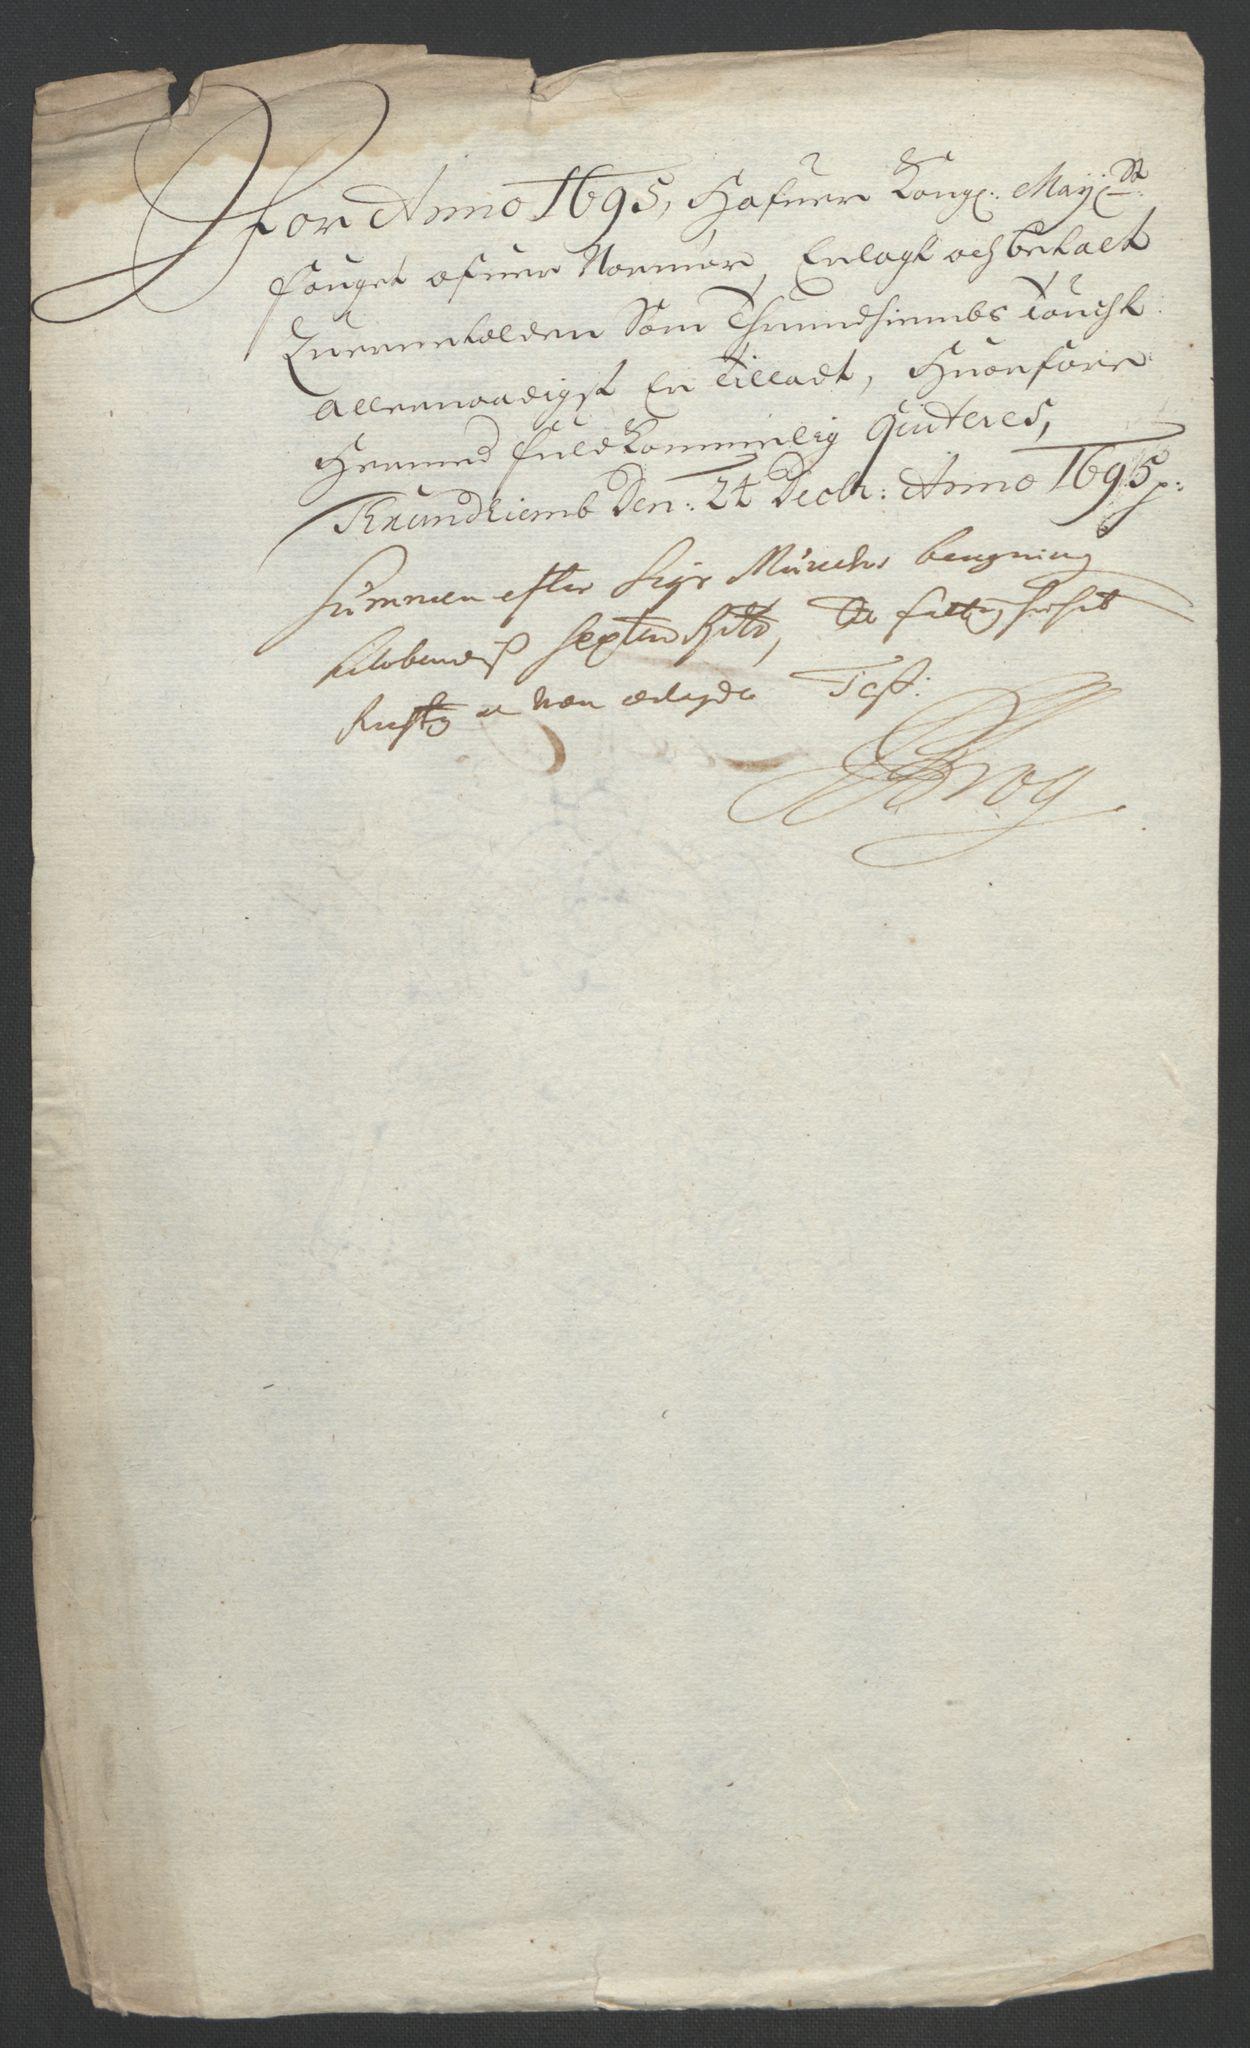 RA, Rentekammeret inntil 1814, Reviderte regnskaper, Fogderegnskap, R56/L3736: Fogderegnskap Nordmøre, 1694-1696, s. 298